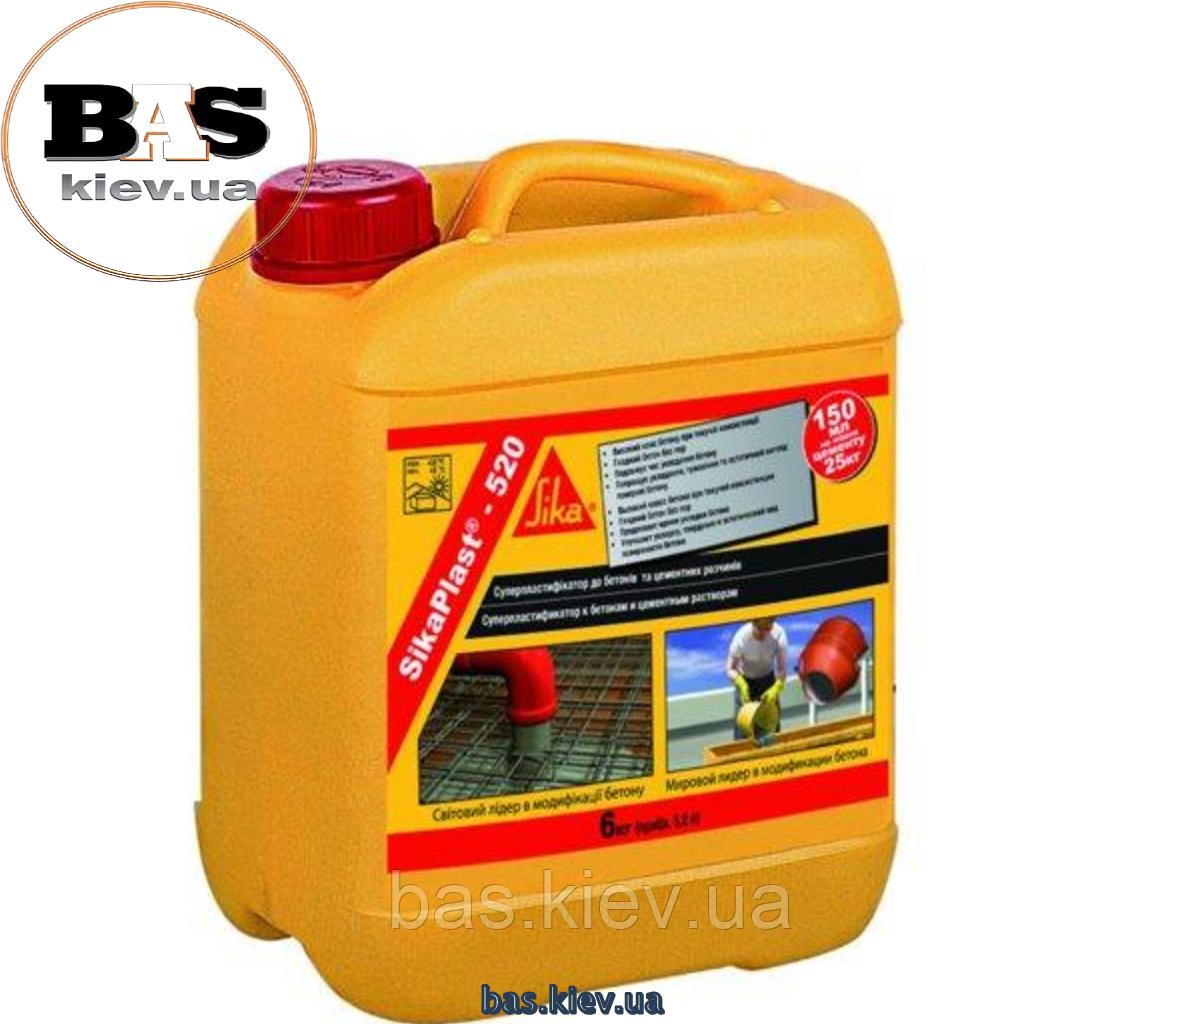 SIKAPLAST®-520 Суперпластификатор для бетона и растворов, 6 кг